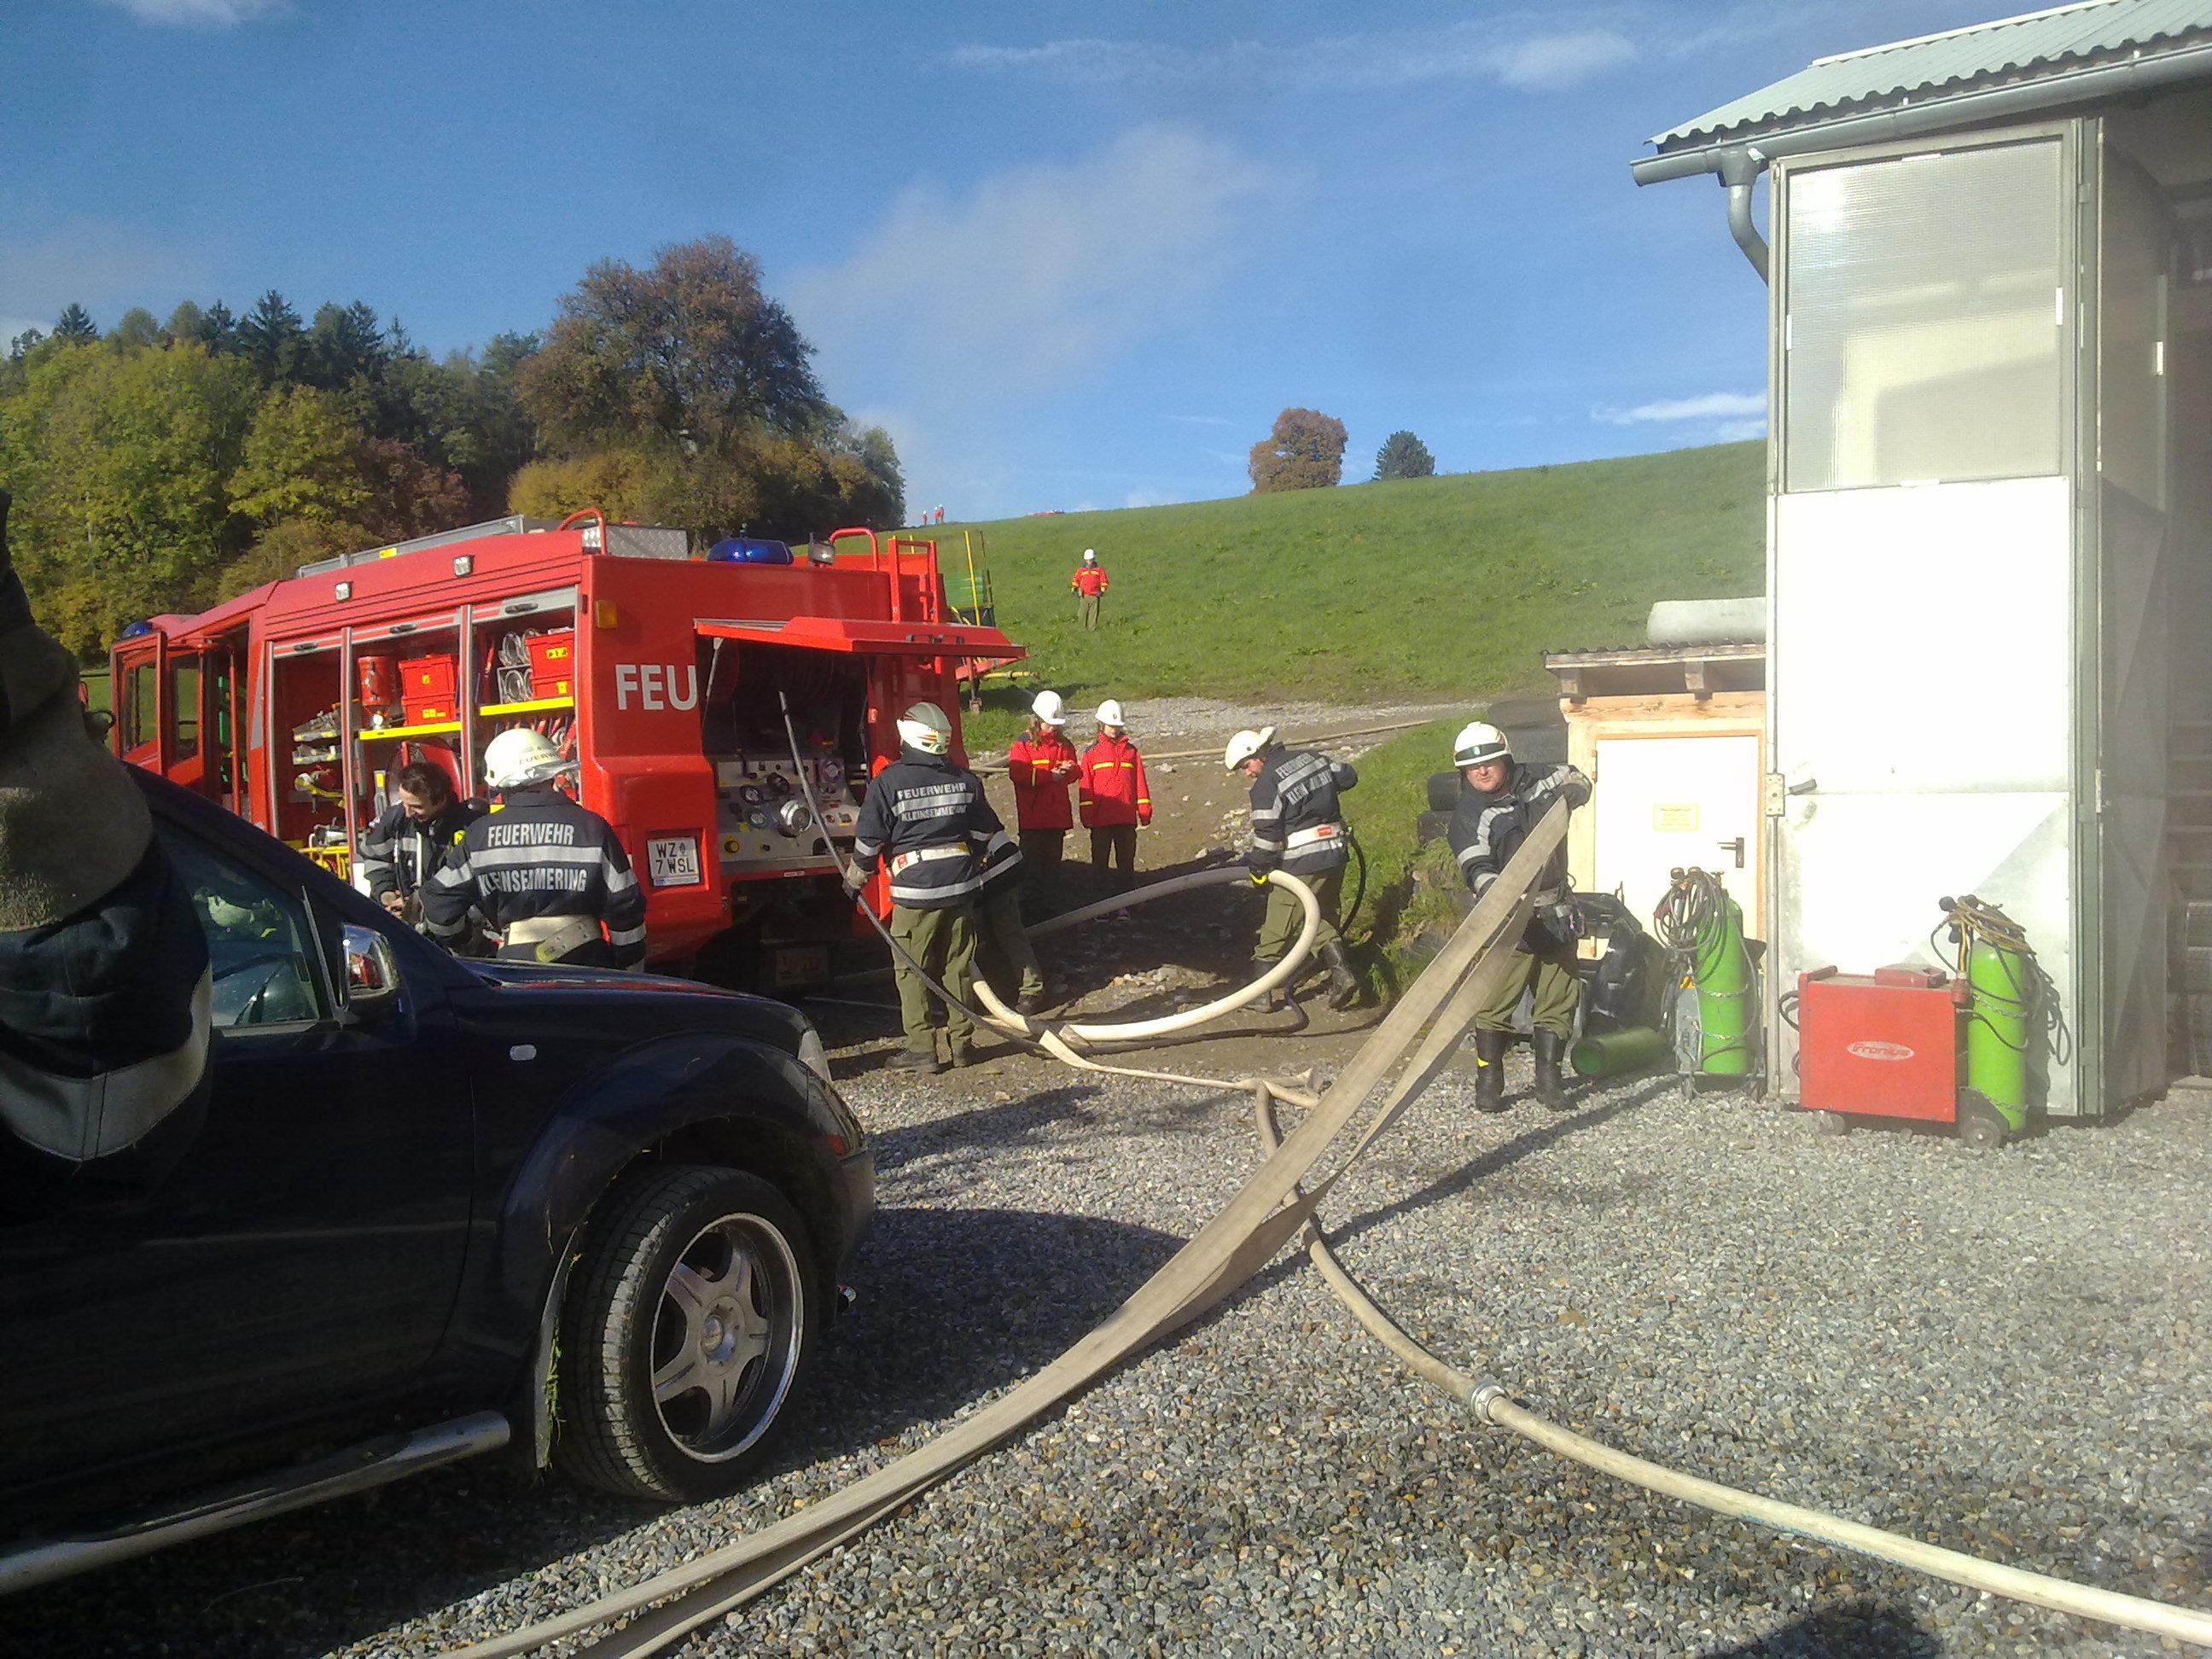 Feuerwehr Ausflug